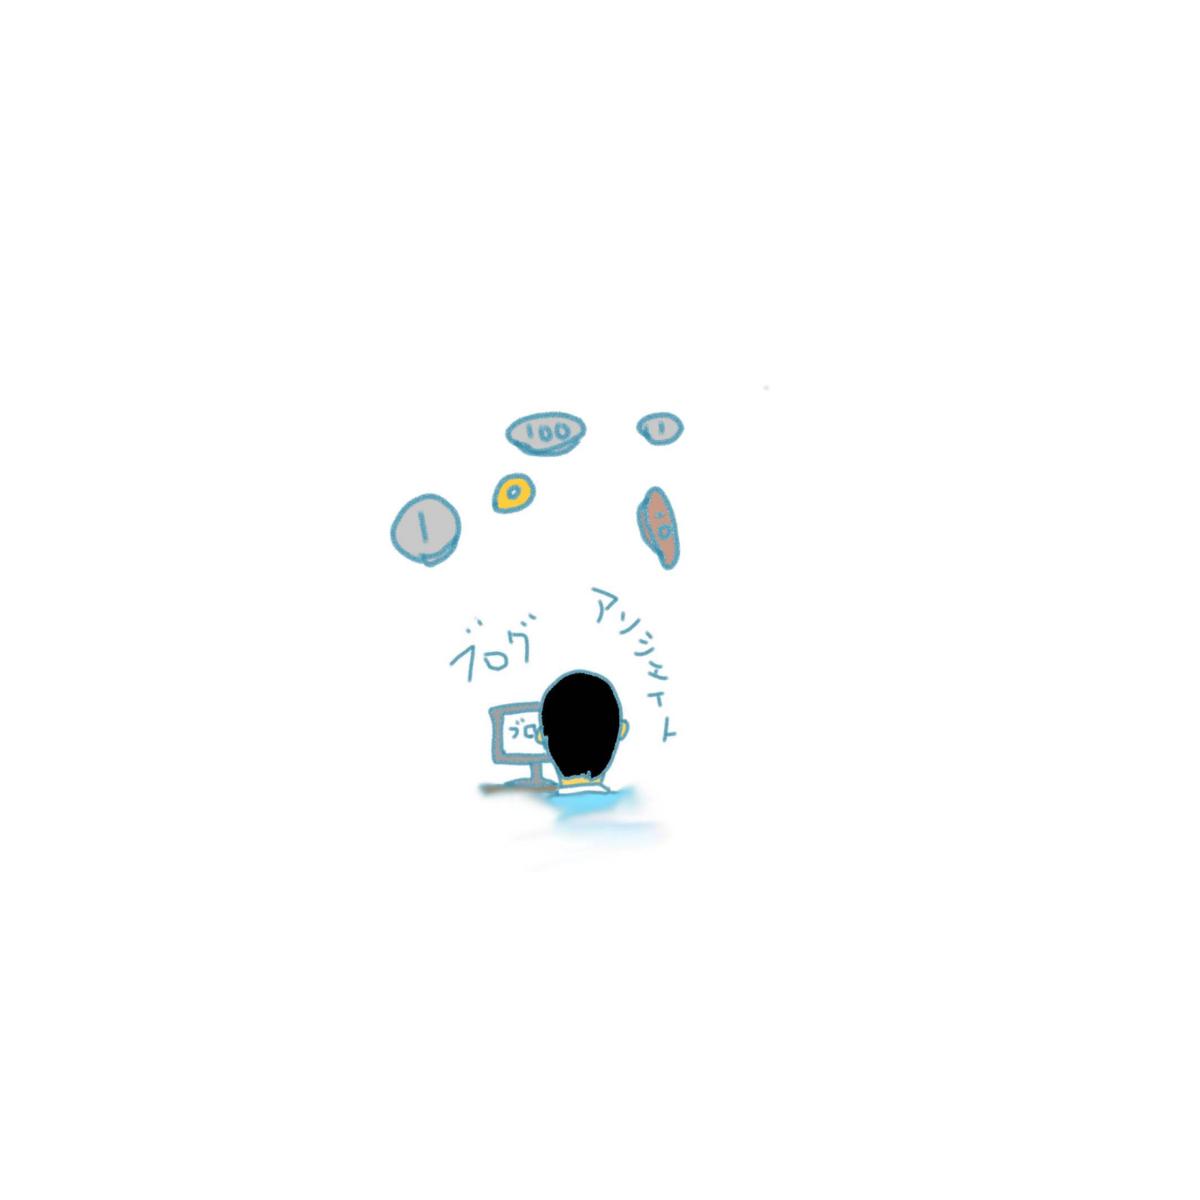 f:id:ryu3188:20190905171333p:plain